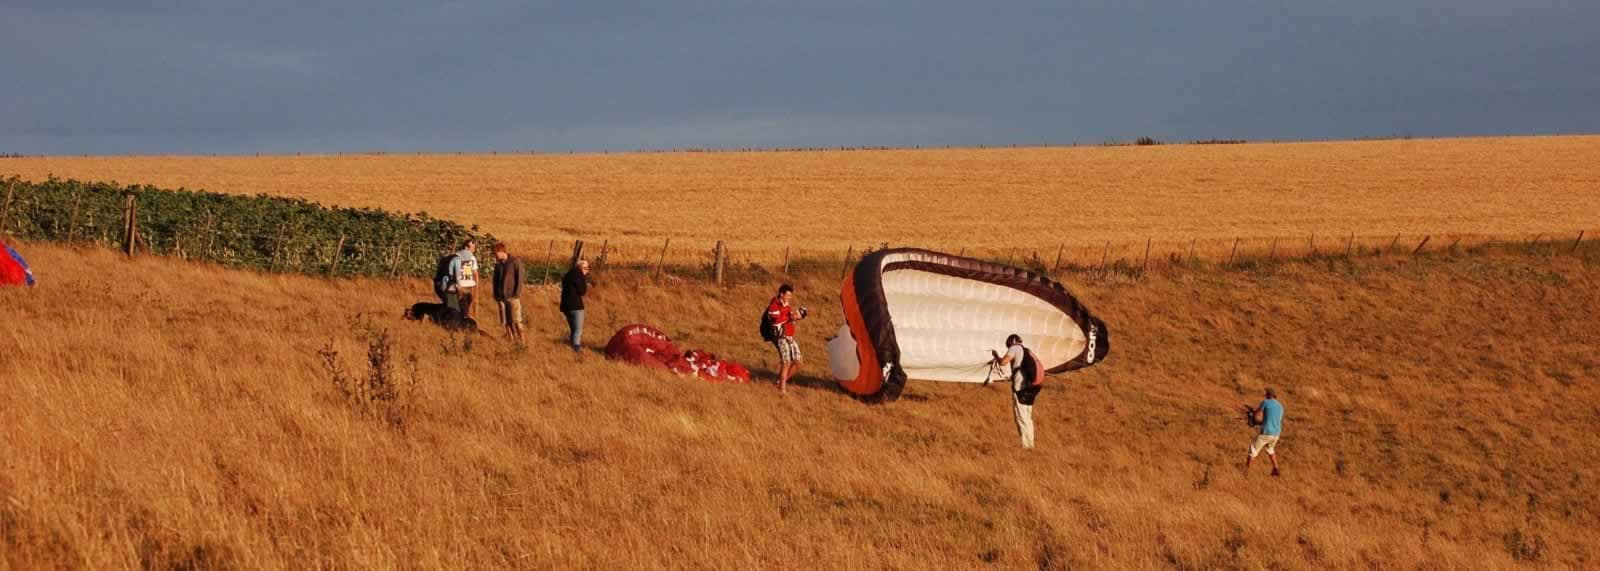 Paragliding in Wiltshire - SkySchool